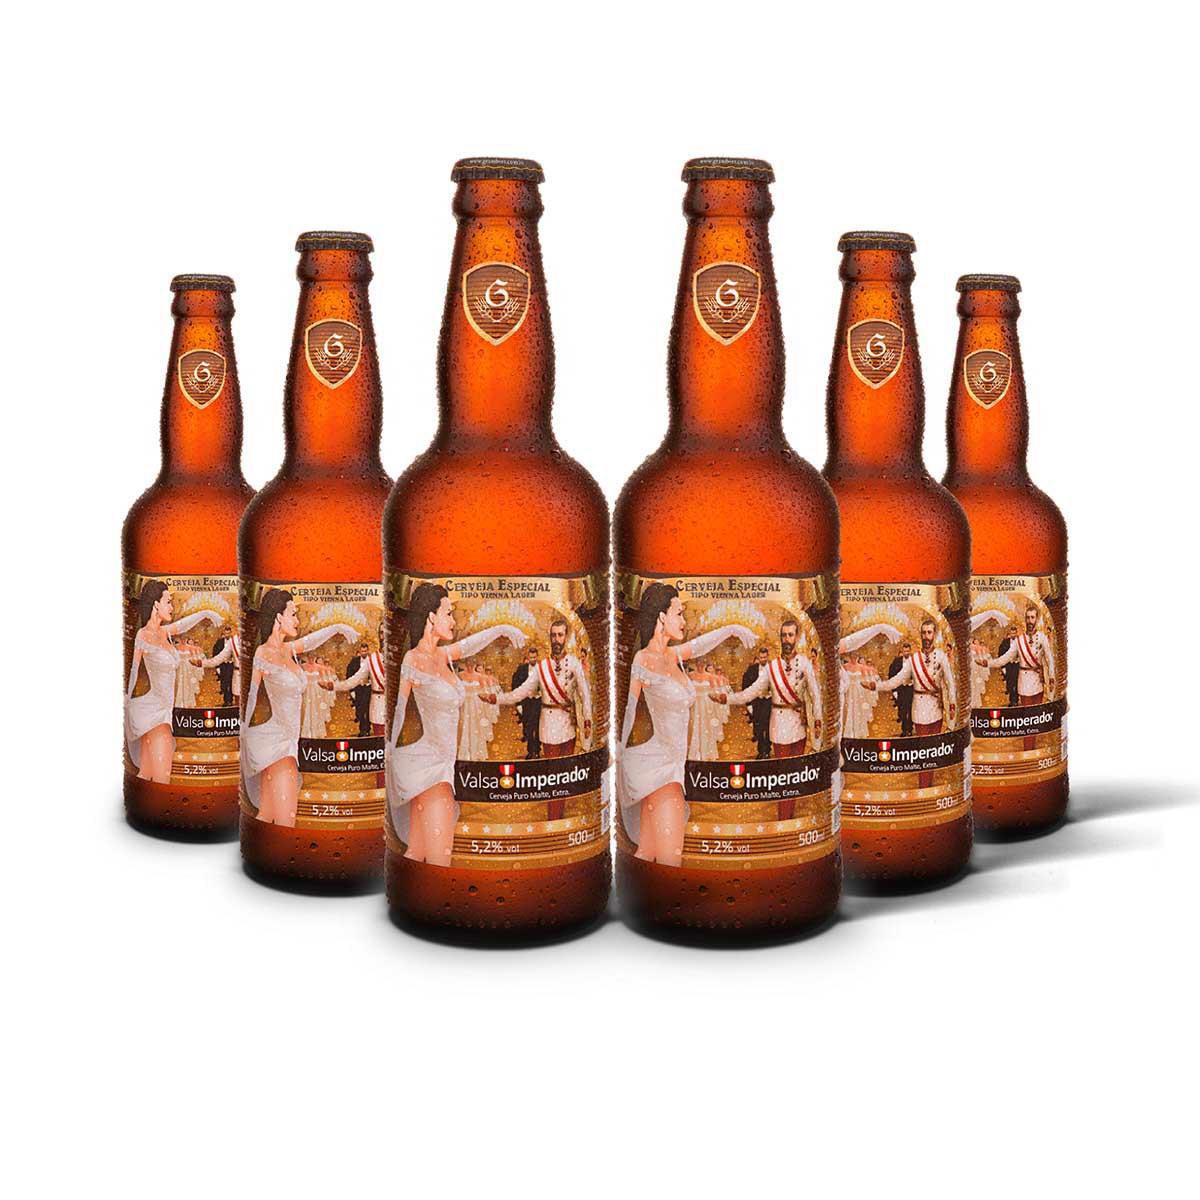 Pack Gram Bier Vienna Lager Valsa 6 cervejas 500ml